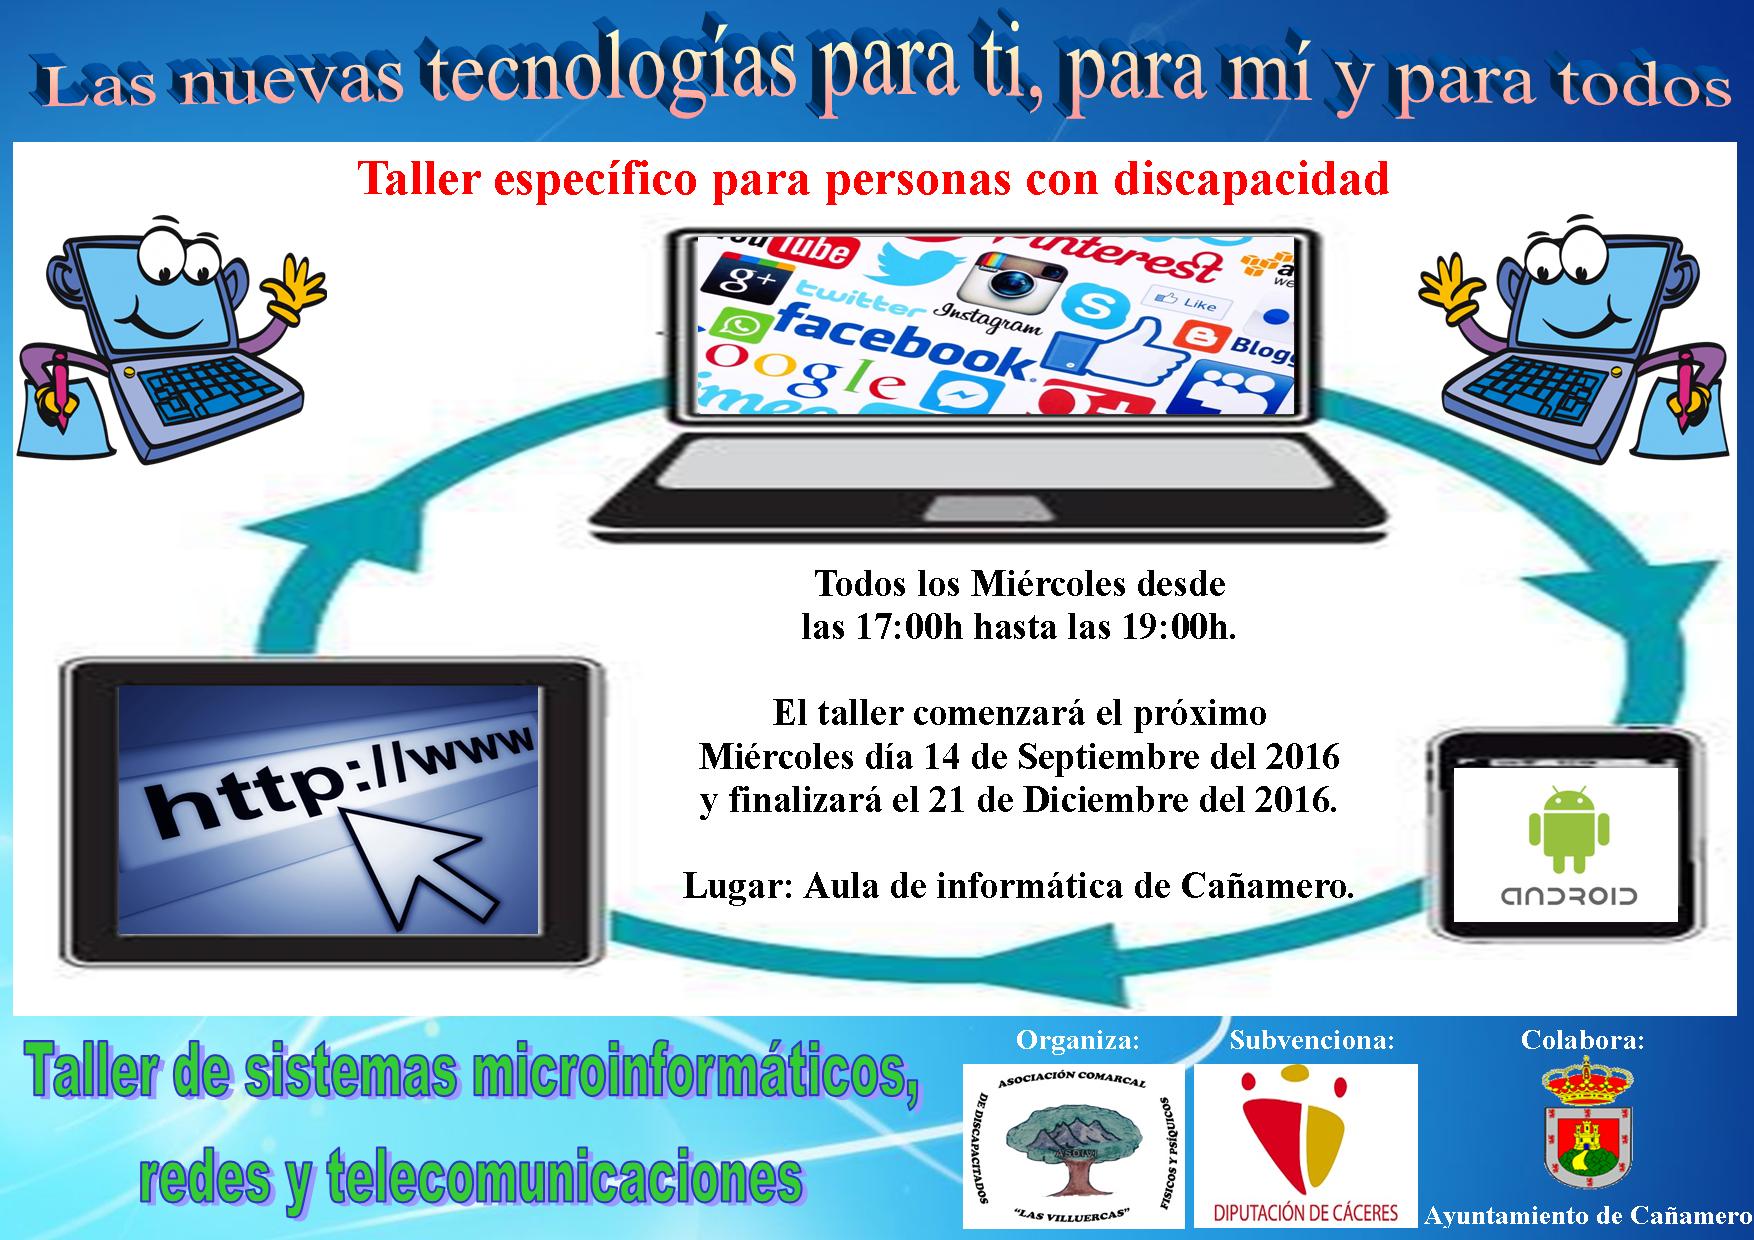 Taller de Sistemas microinformáticos, redes y telecomunicaciones 2016 - Cañamero